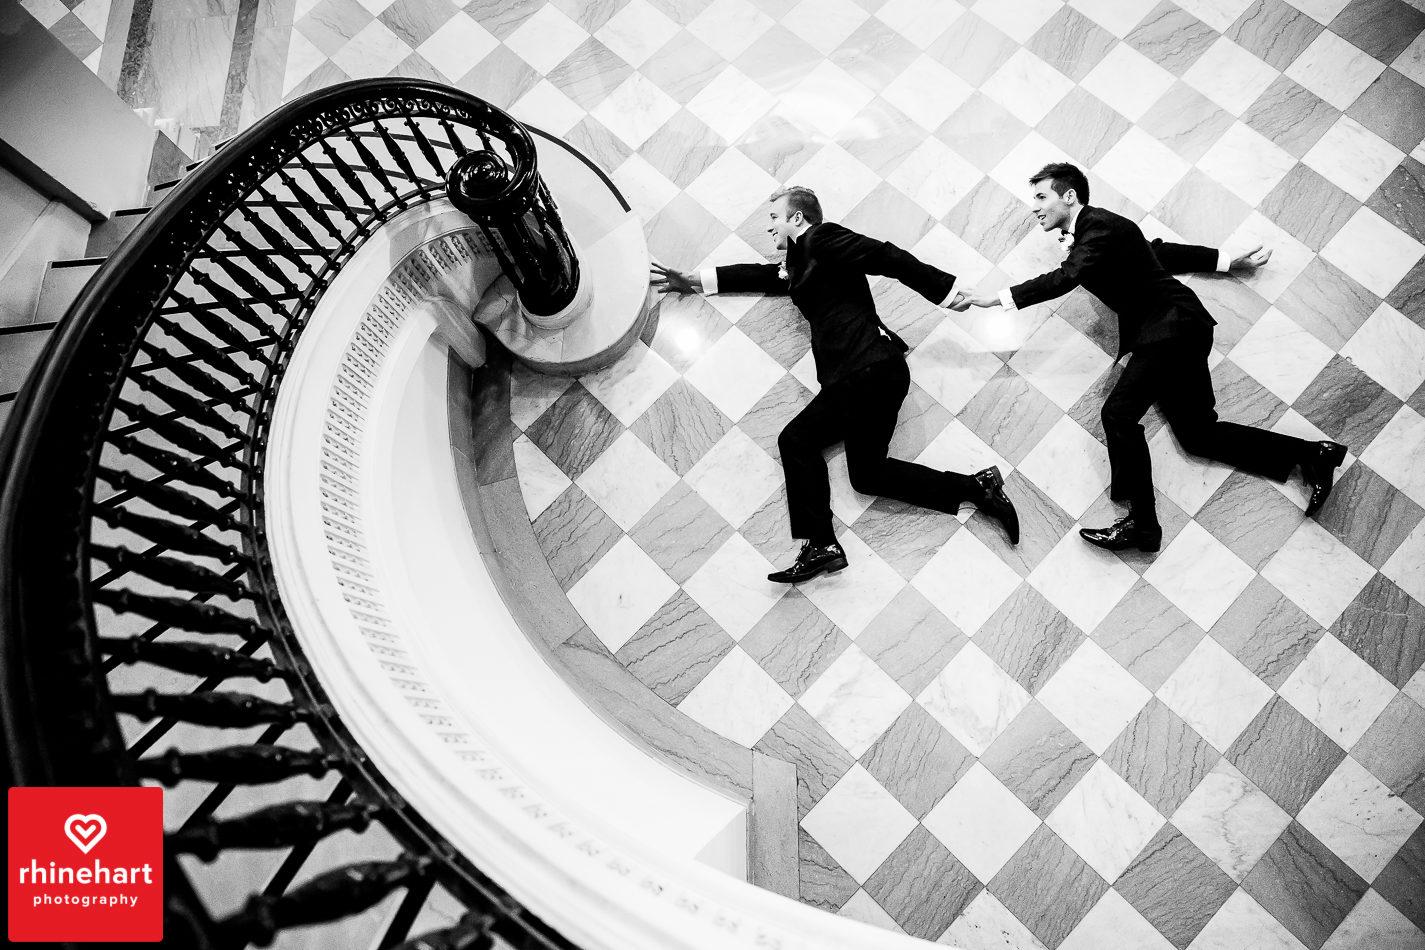 carnegie-institution-of-washington-dc-wedding-photographer-23-3